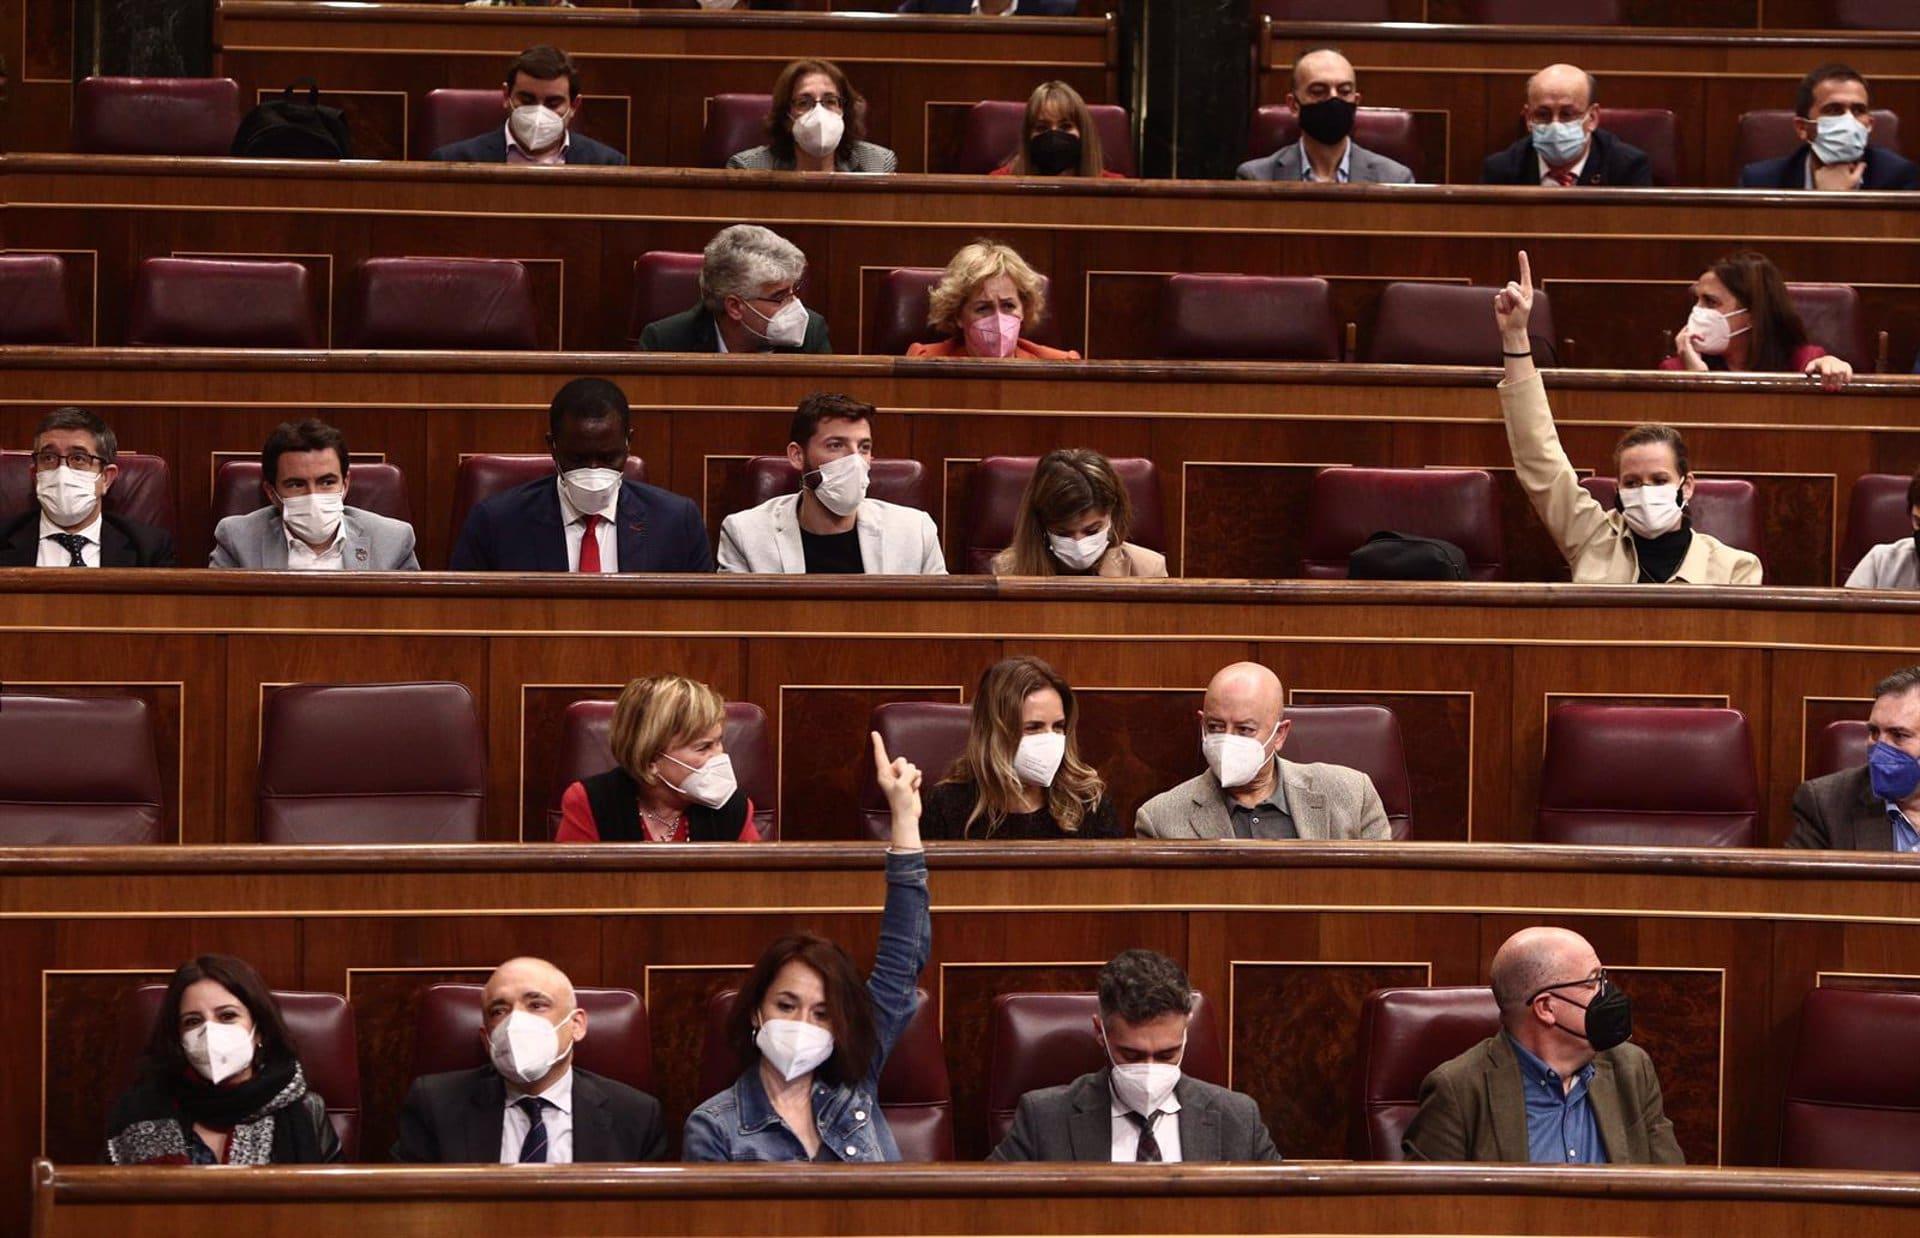 El Congreso convalida el complemento de maternidad a las pensiones y la ampliación del Ingreso Mínimo Vital